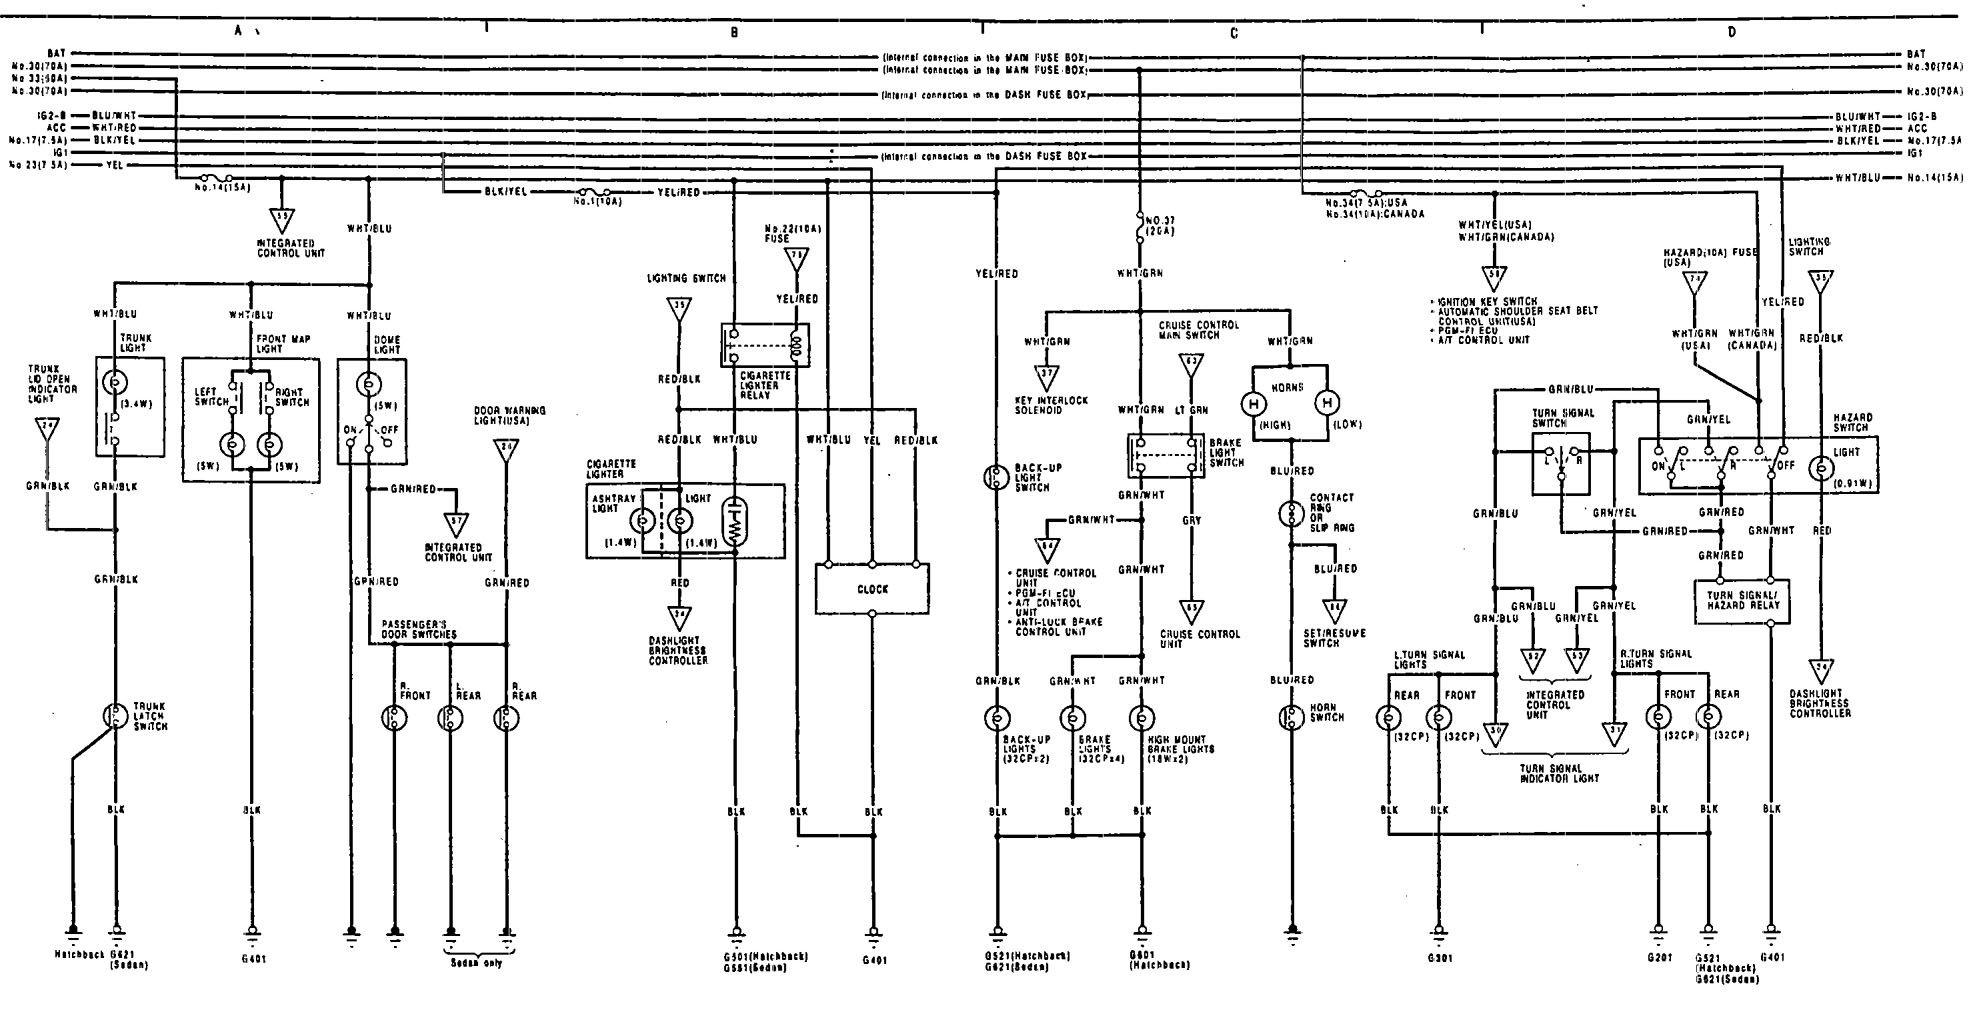 kubota l48 wiring diagram wiring diagram l245dt kubota diesel engine parts diagram kubota ignition switch wiring diagram 4 pin wiring diagram kubota schematics kubota l48 wiring diagram